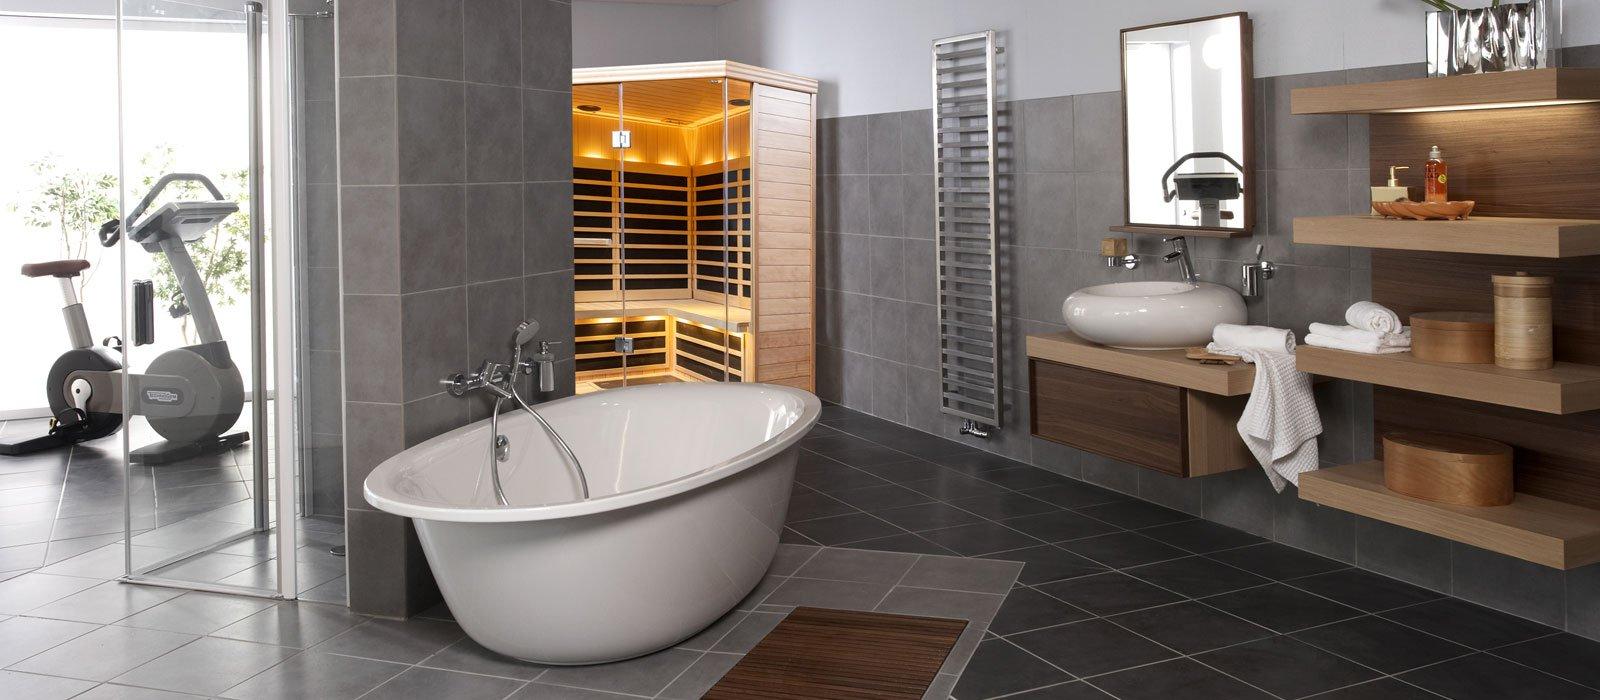 infrared sauna in home spa